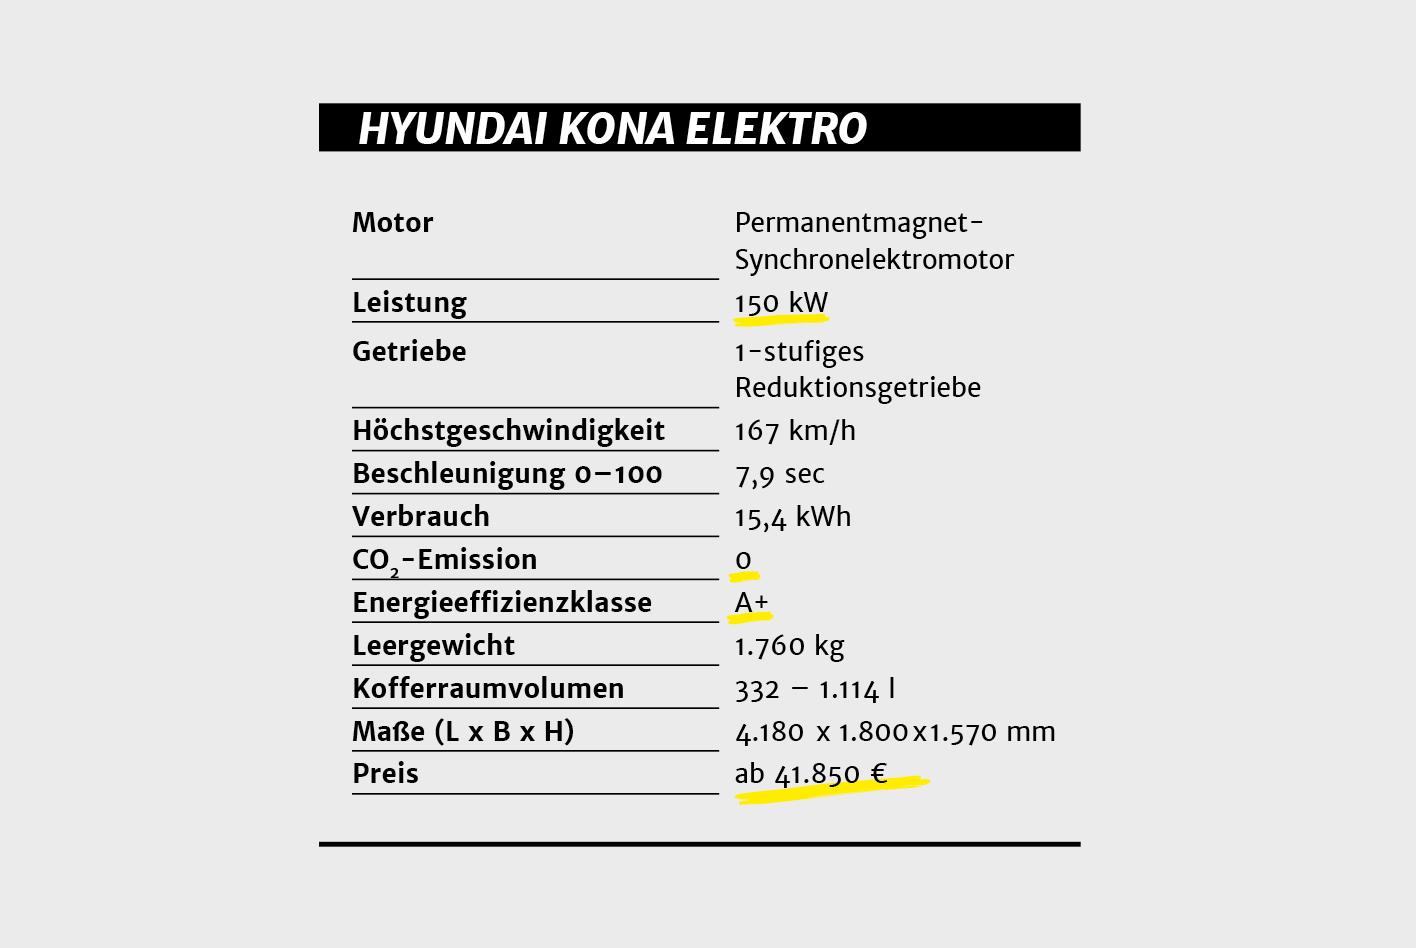 Hyundai Kona E: Steckbrief und technische Daten